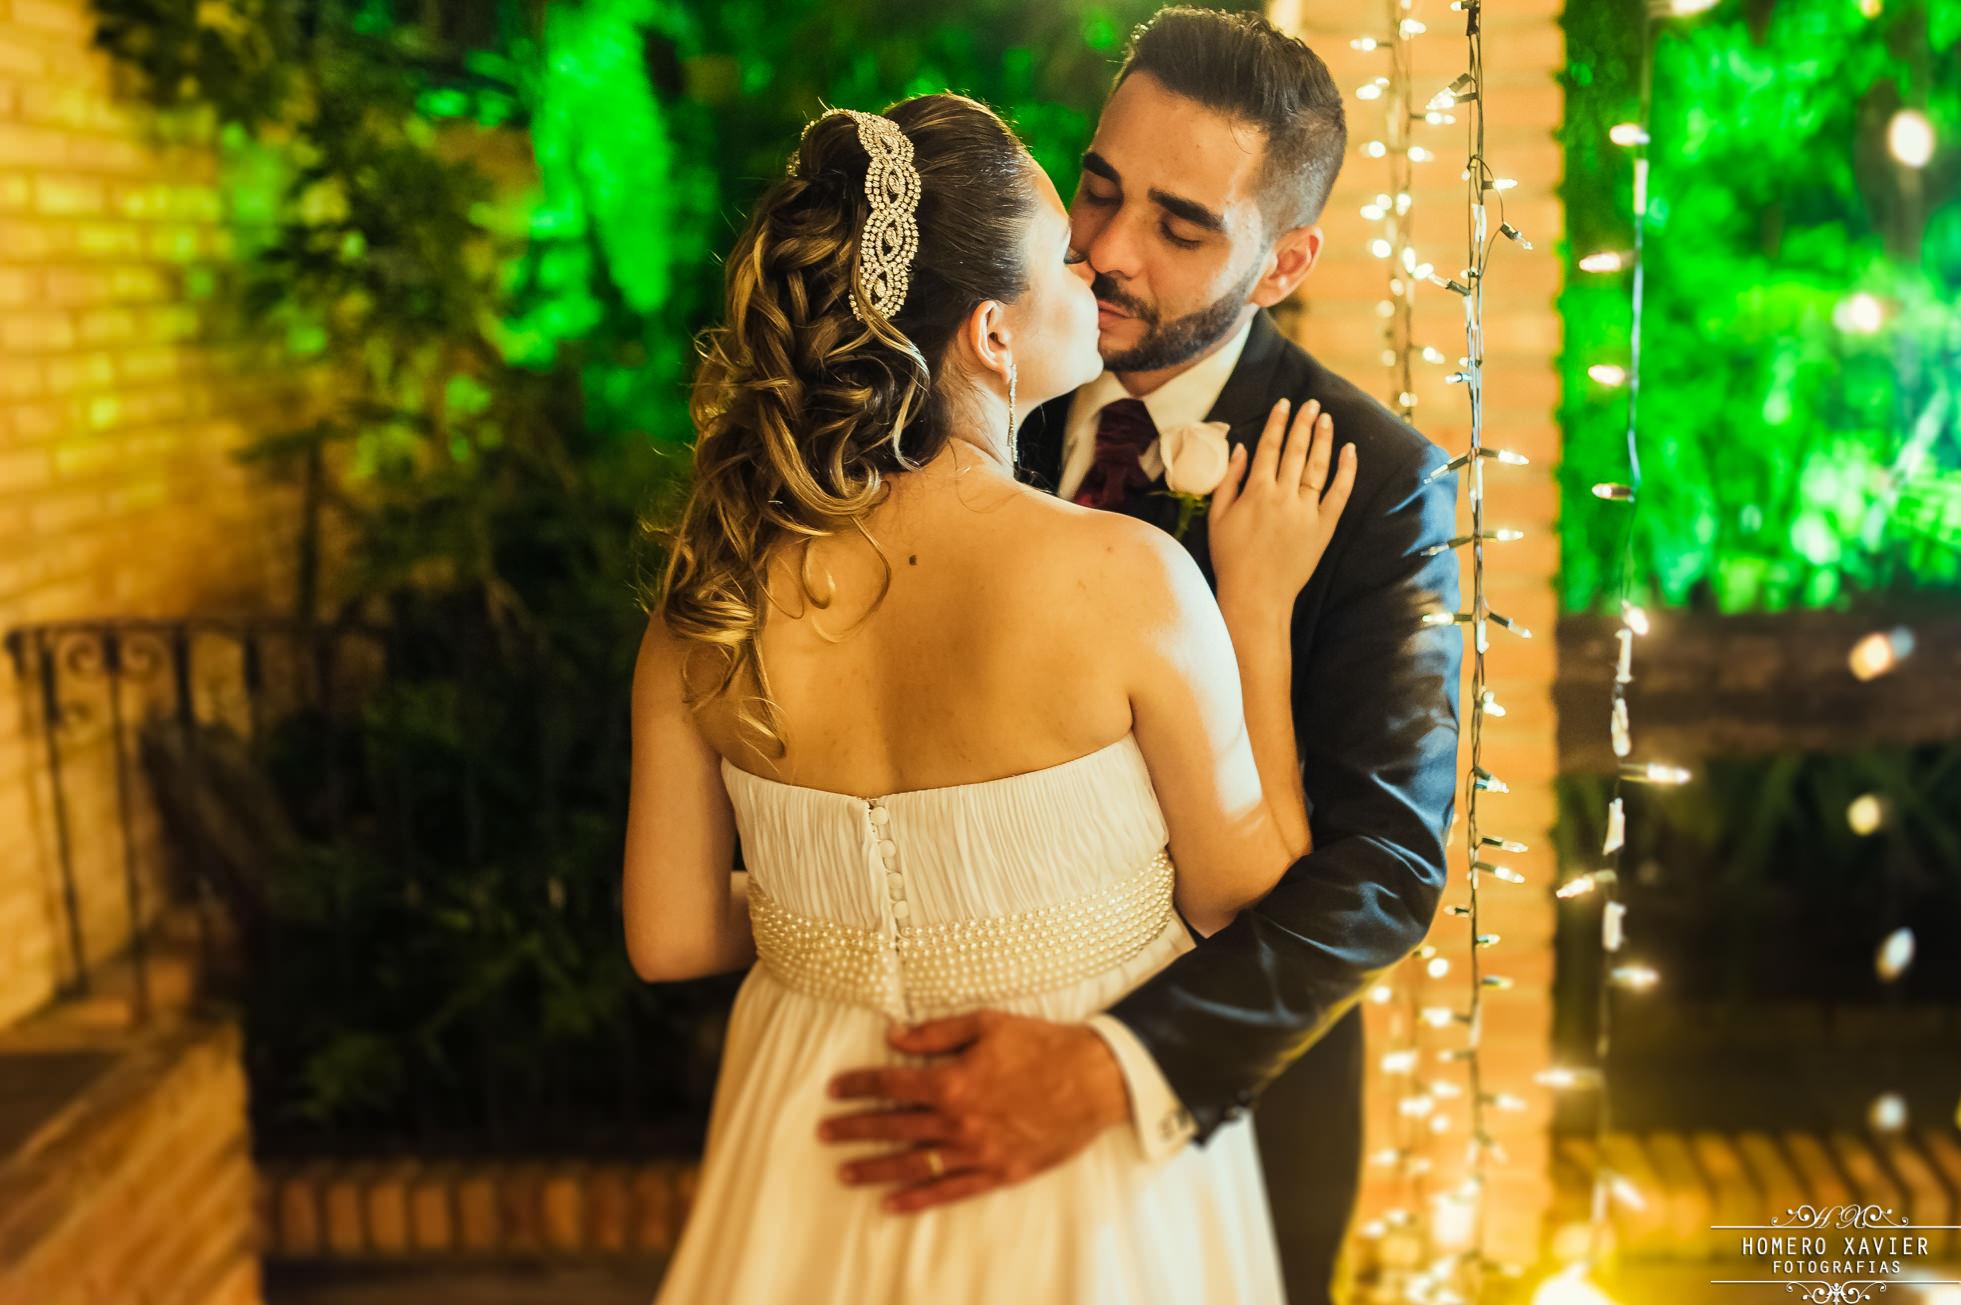 fotografia de casamento Chácara de Minas em BH